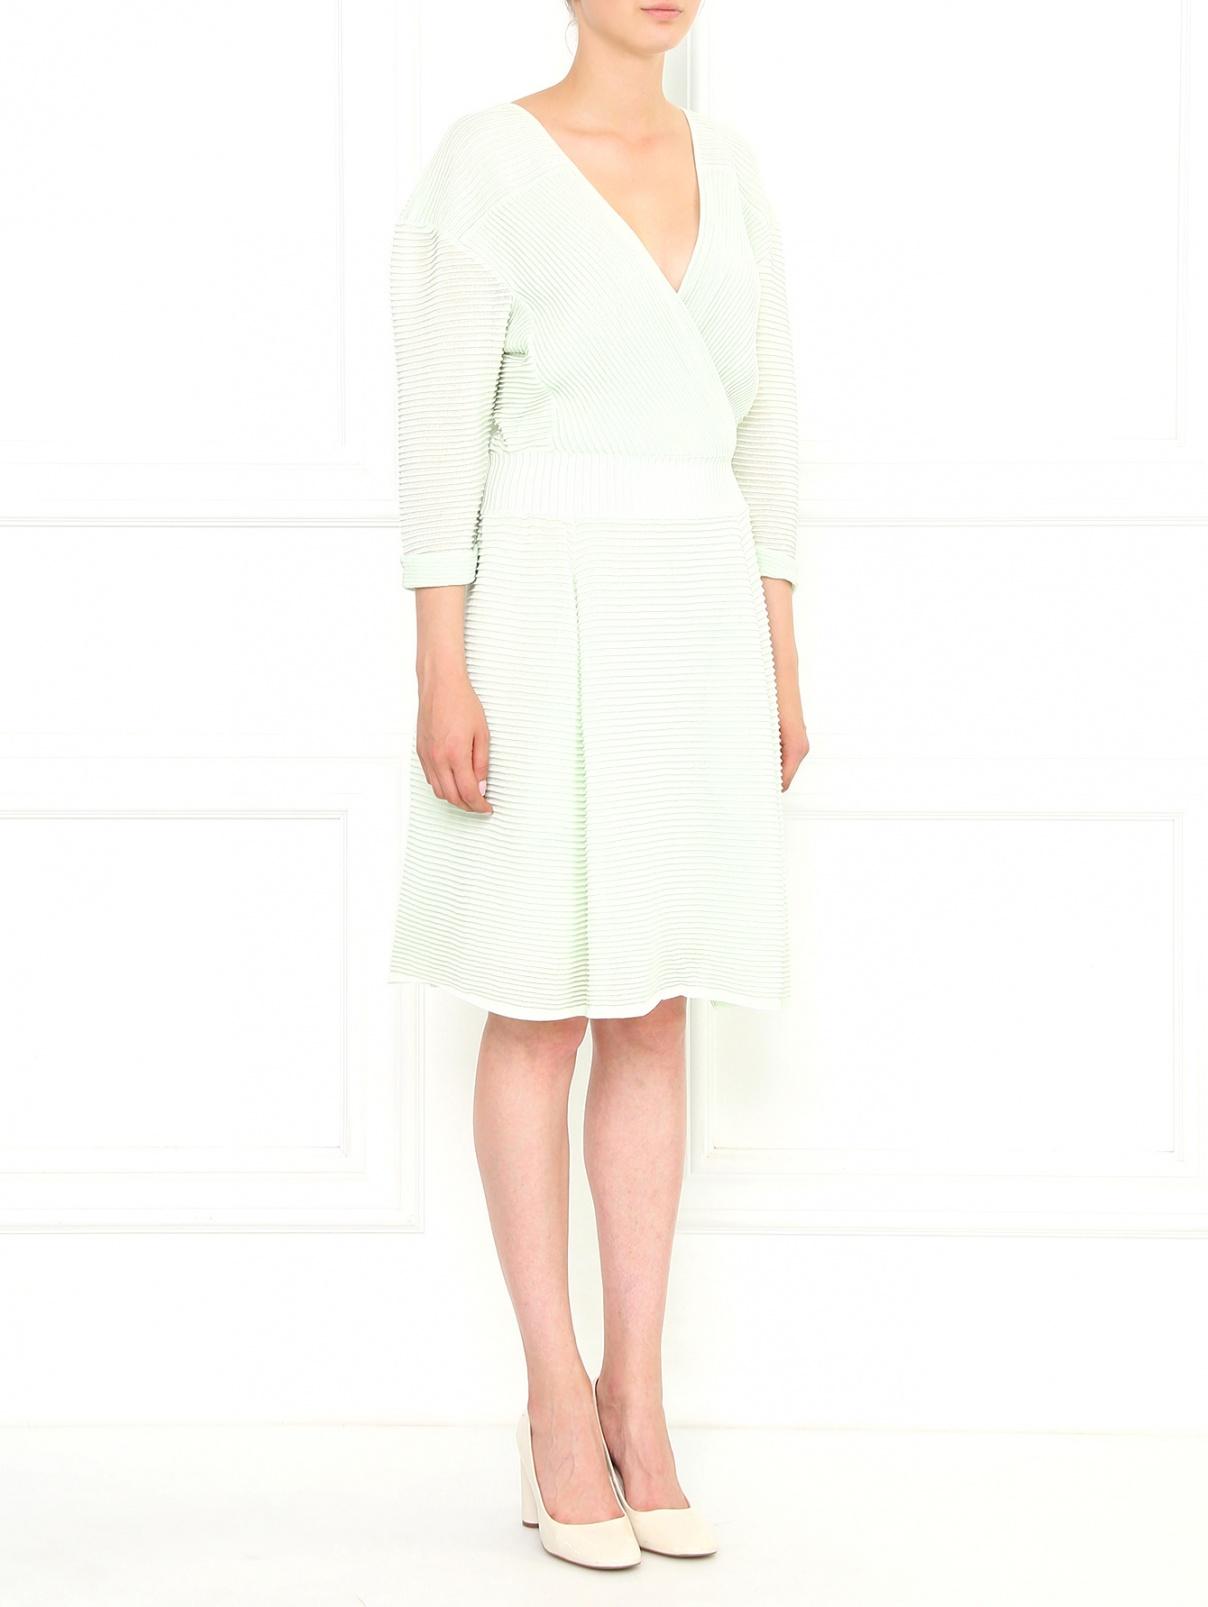 Платье из хлопка с запахом Maison Ullens  –  Модель Общий вид  – Цвет:  Зеленый